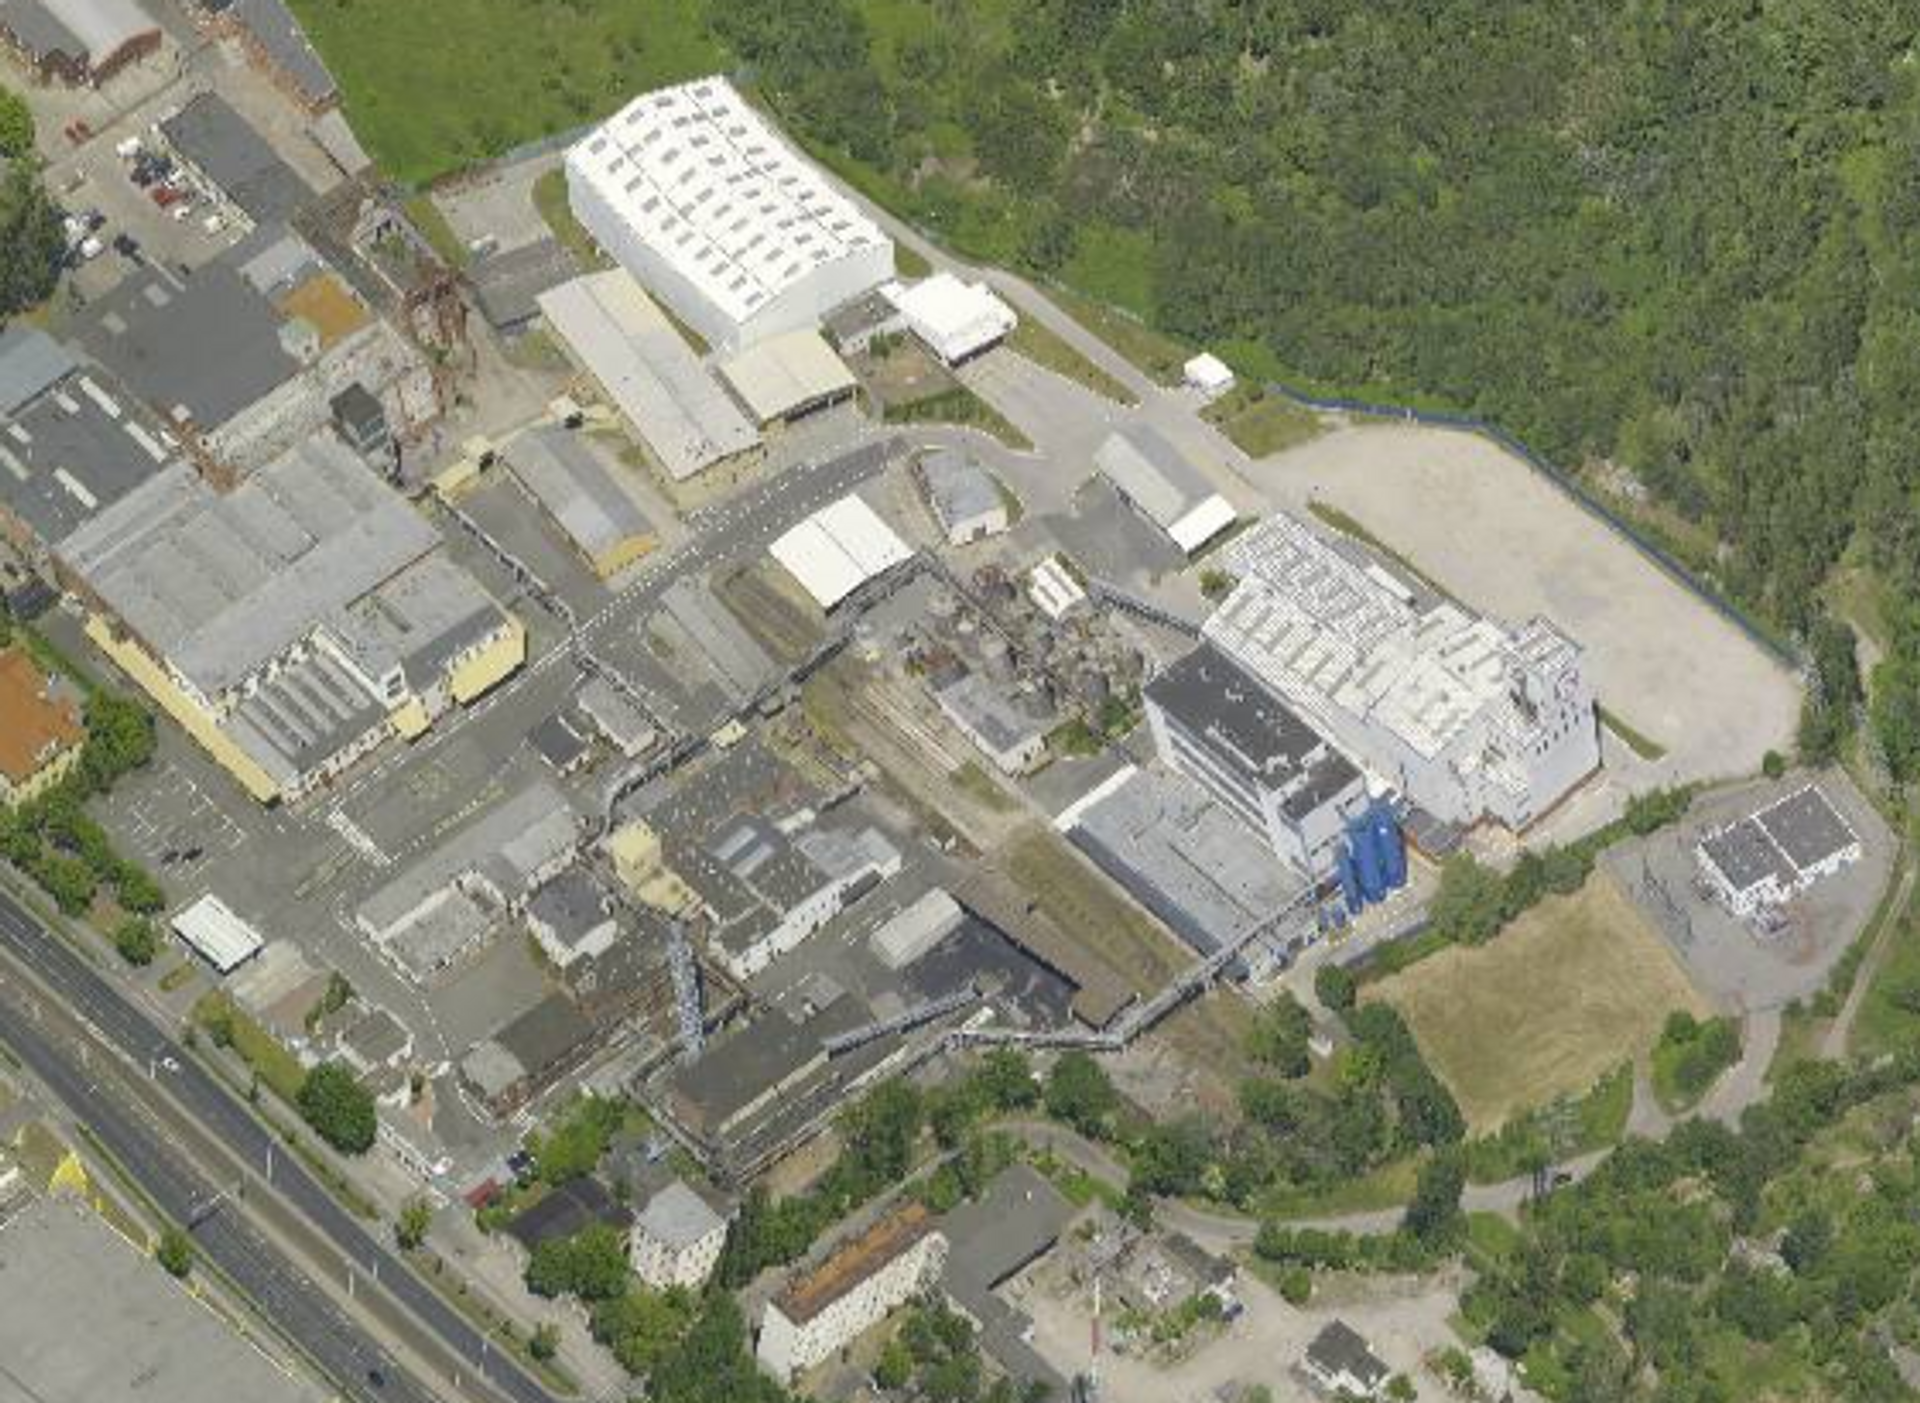 [Wrocław] E&S Industry S.A. (dawna Pollena) rozbuduje fabrykę przy ulicy Krakowskiej